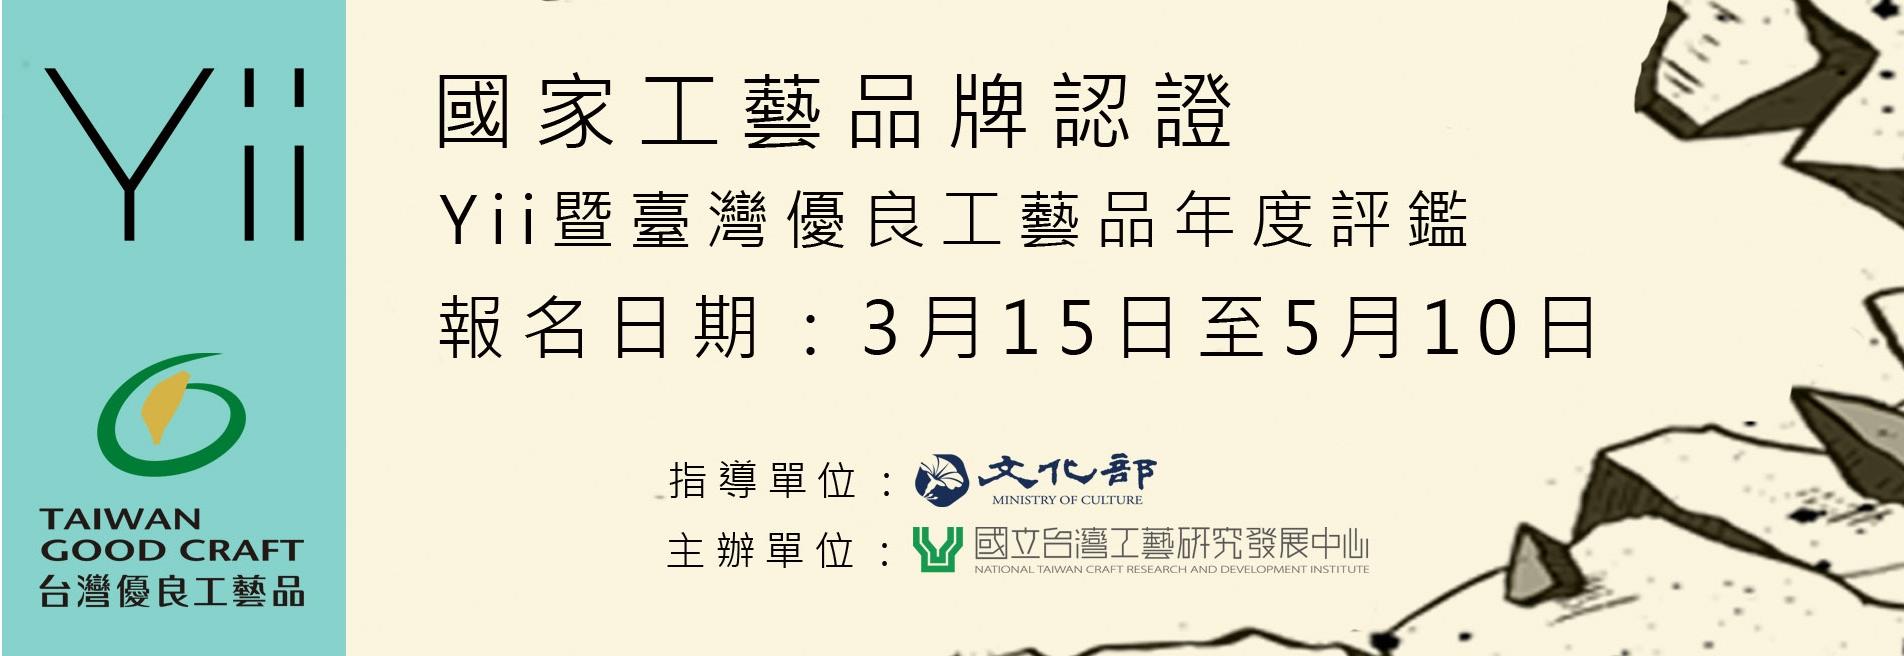 2019年國家工藝品牌認證- Yii暨臺灣優良工藝品年度評鑑 [另開新視窗]